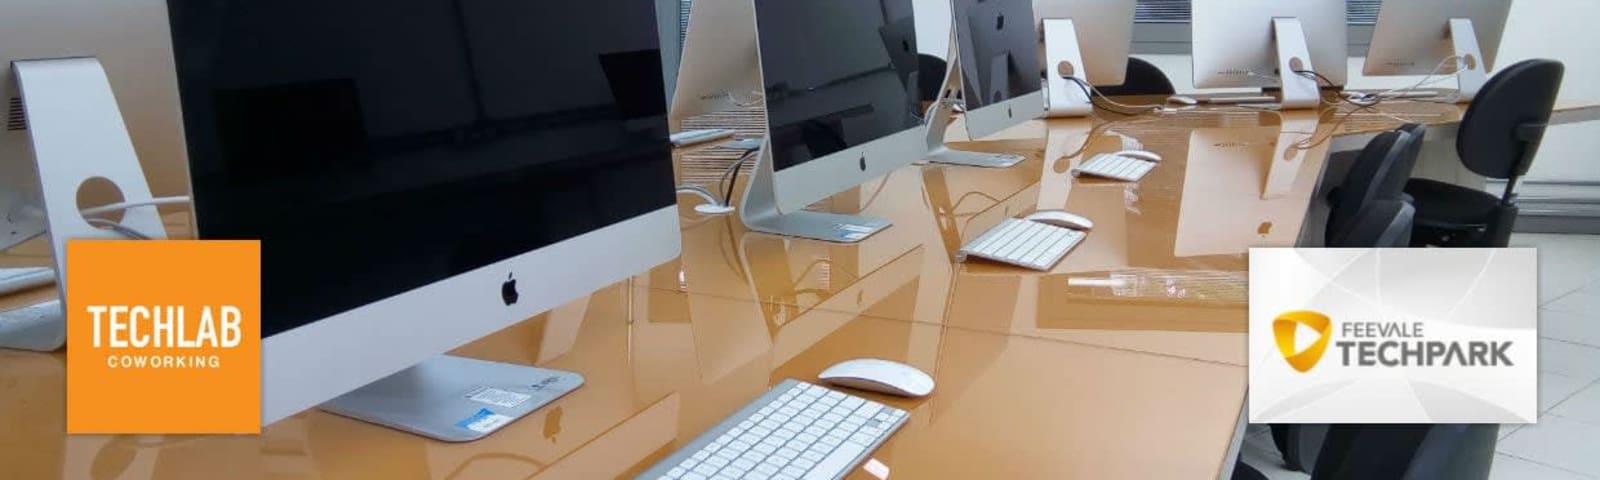 Imagem de destaque do post O Techlab Coworking foi o primeiro Coworking do Feevale Techpark em Novo Hamburgo